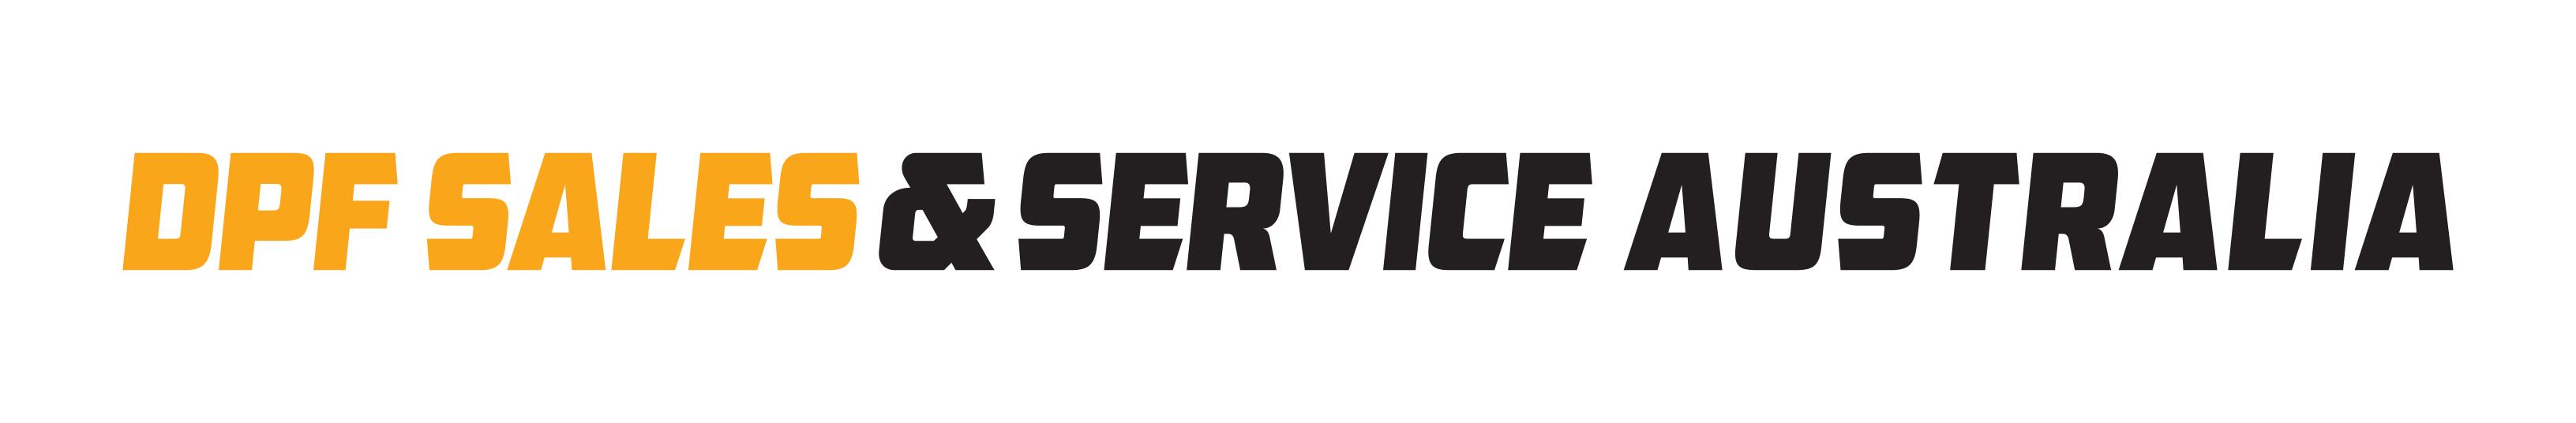 DPF Sales & Service Australia